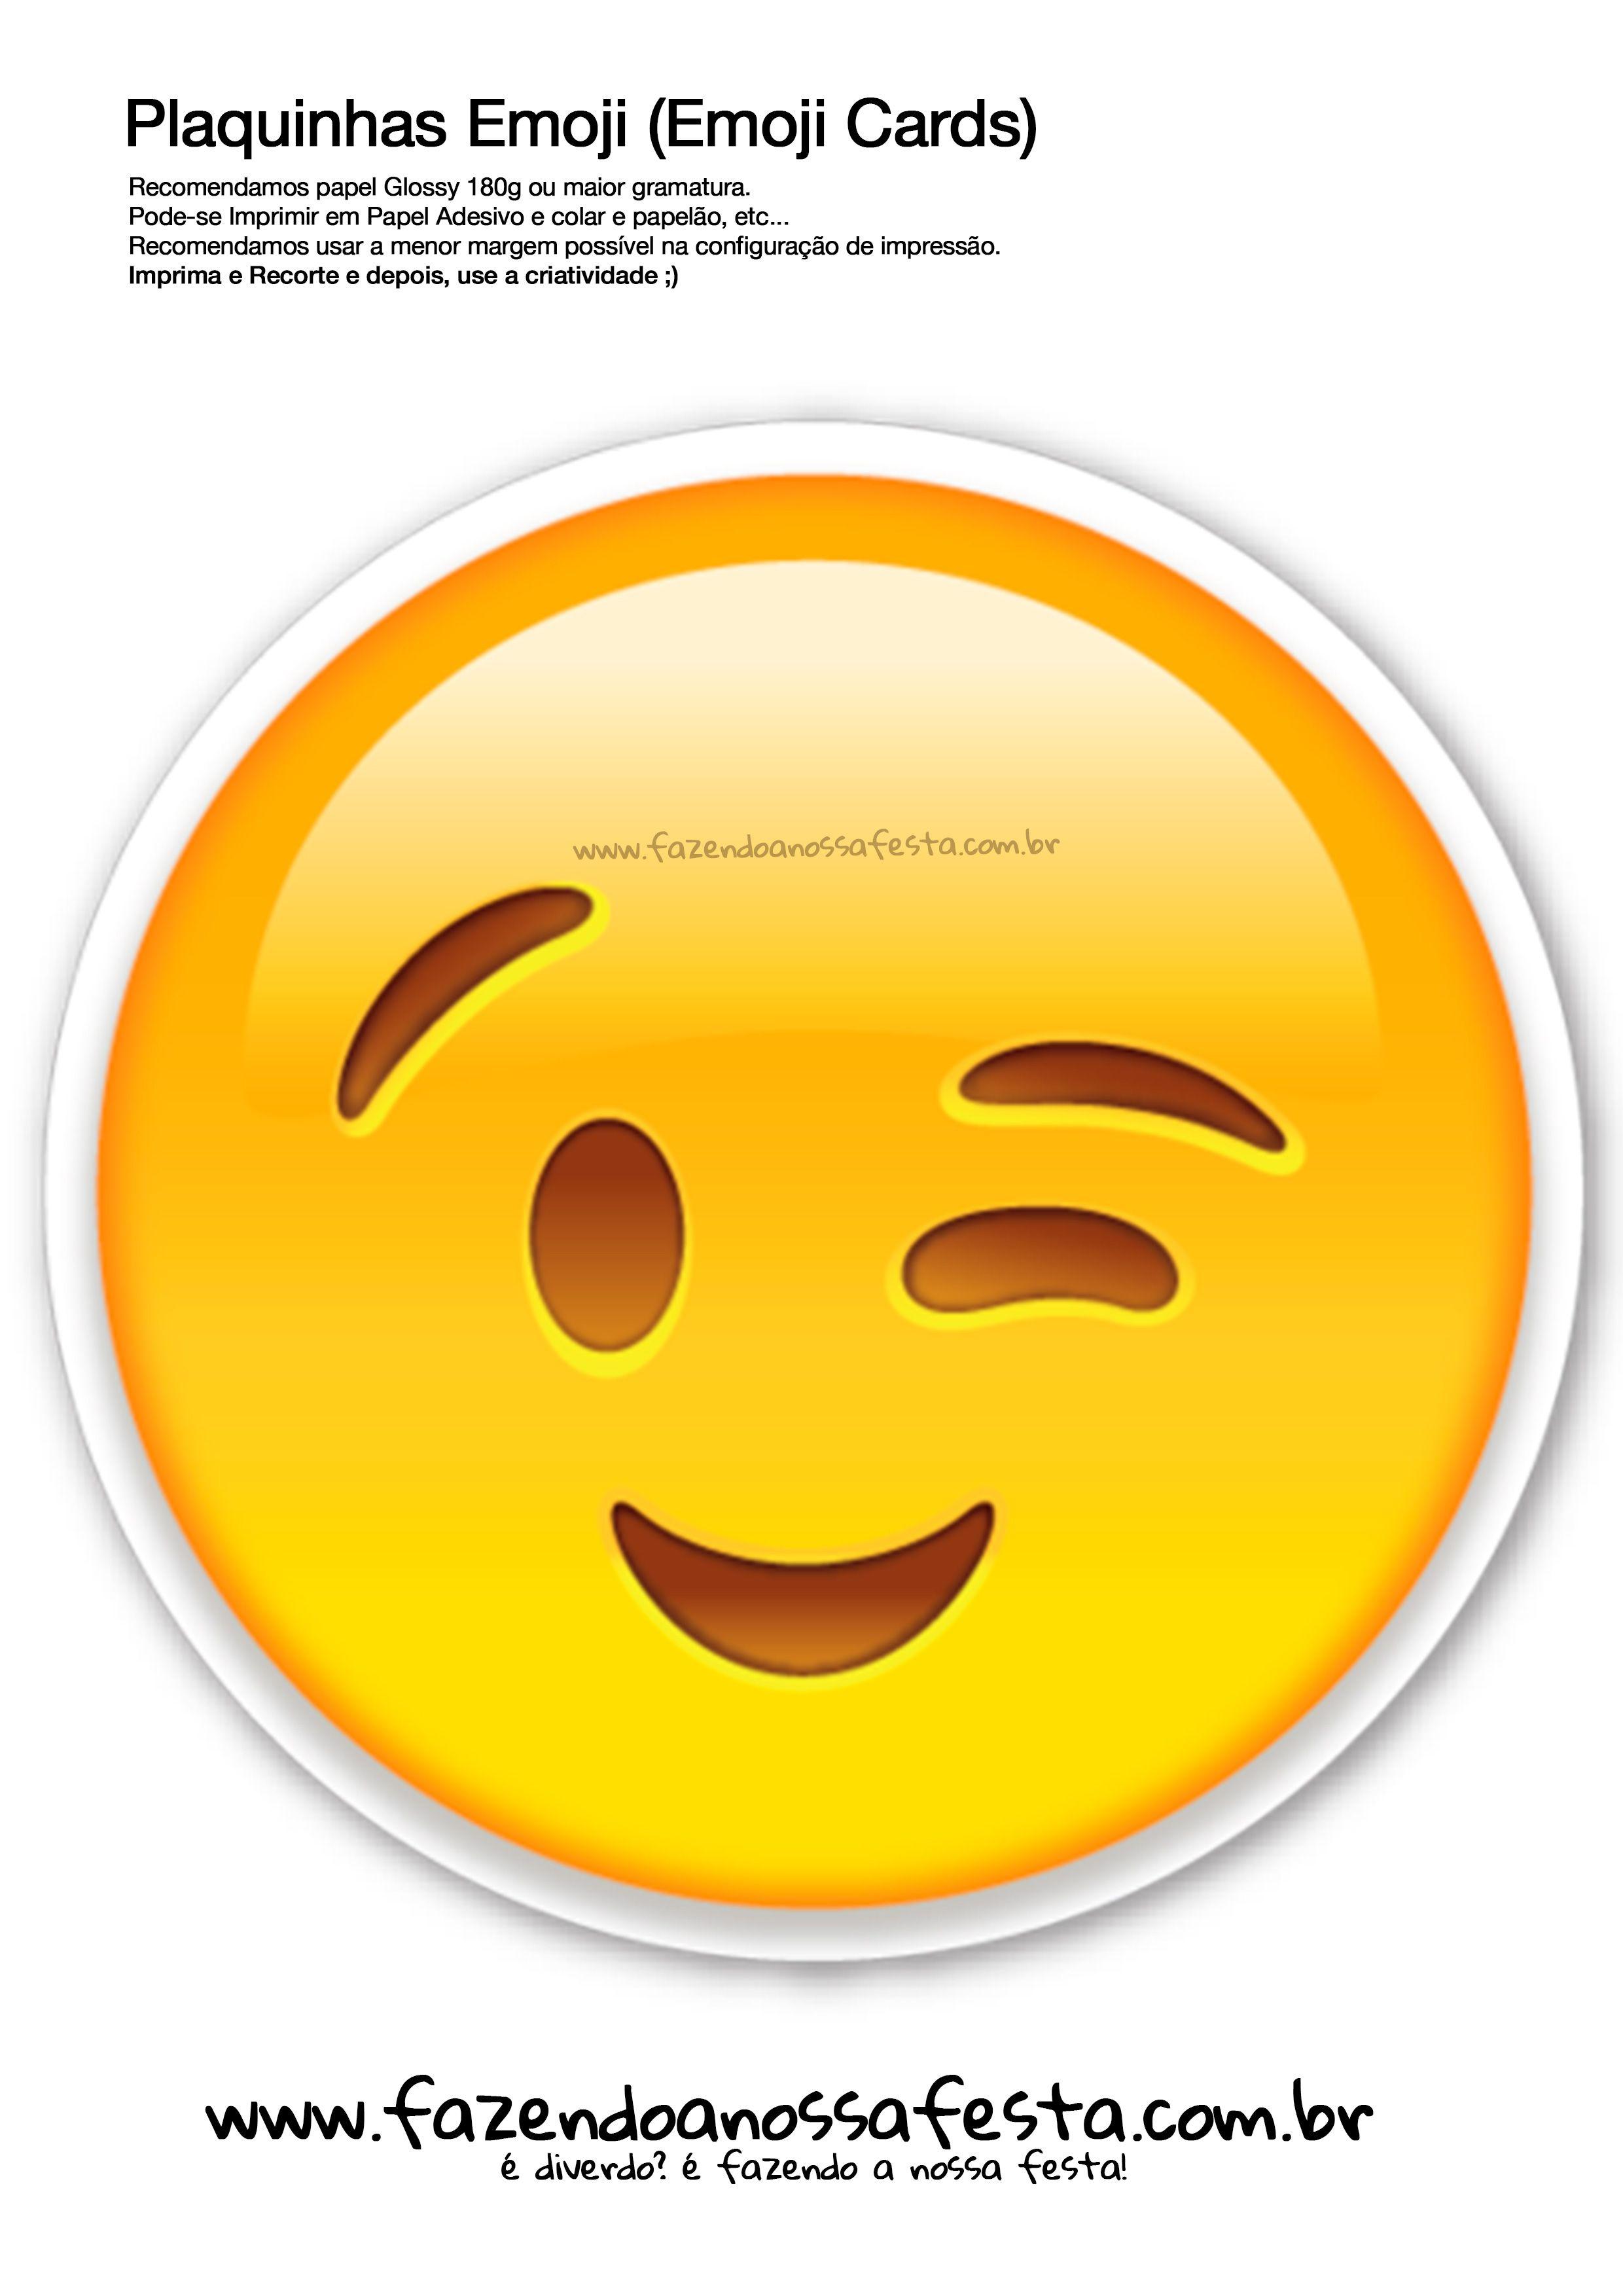 Veja o que temos para plaquinhas emojis 109 emoji